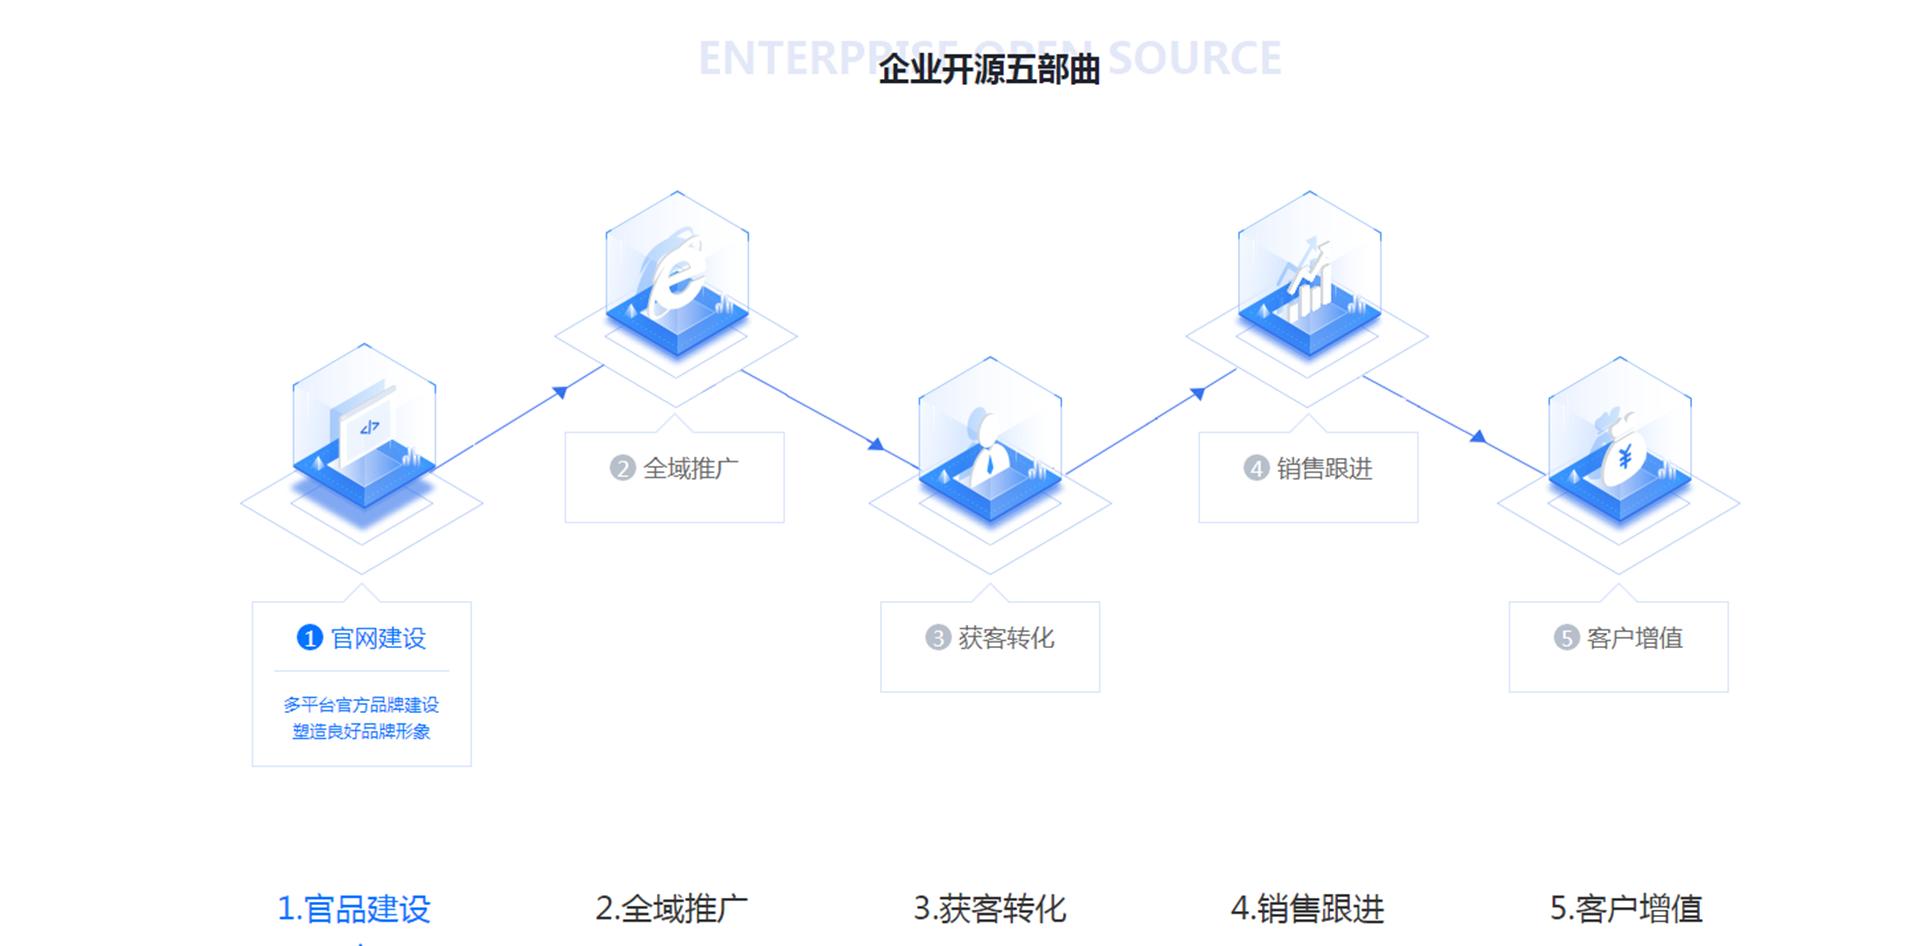 新开元SCRM大数据营销系统